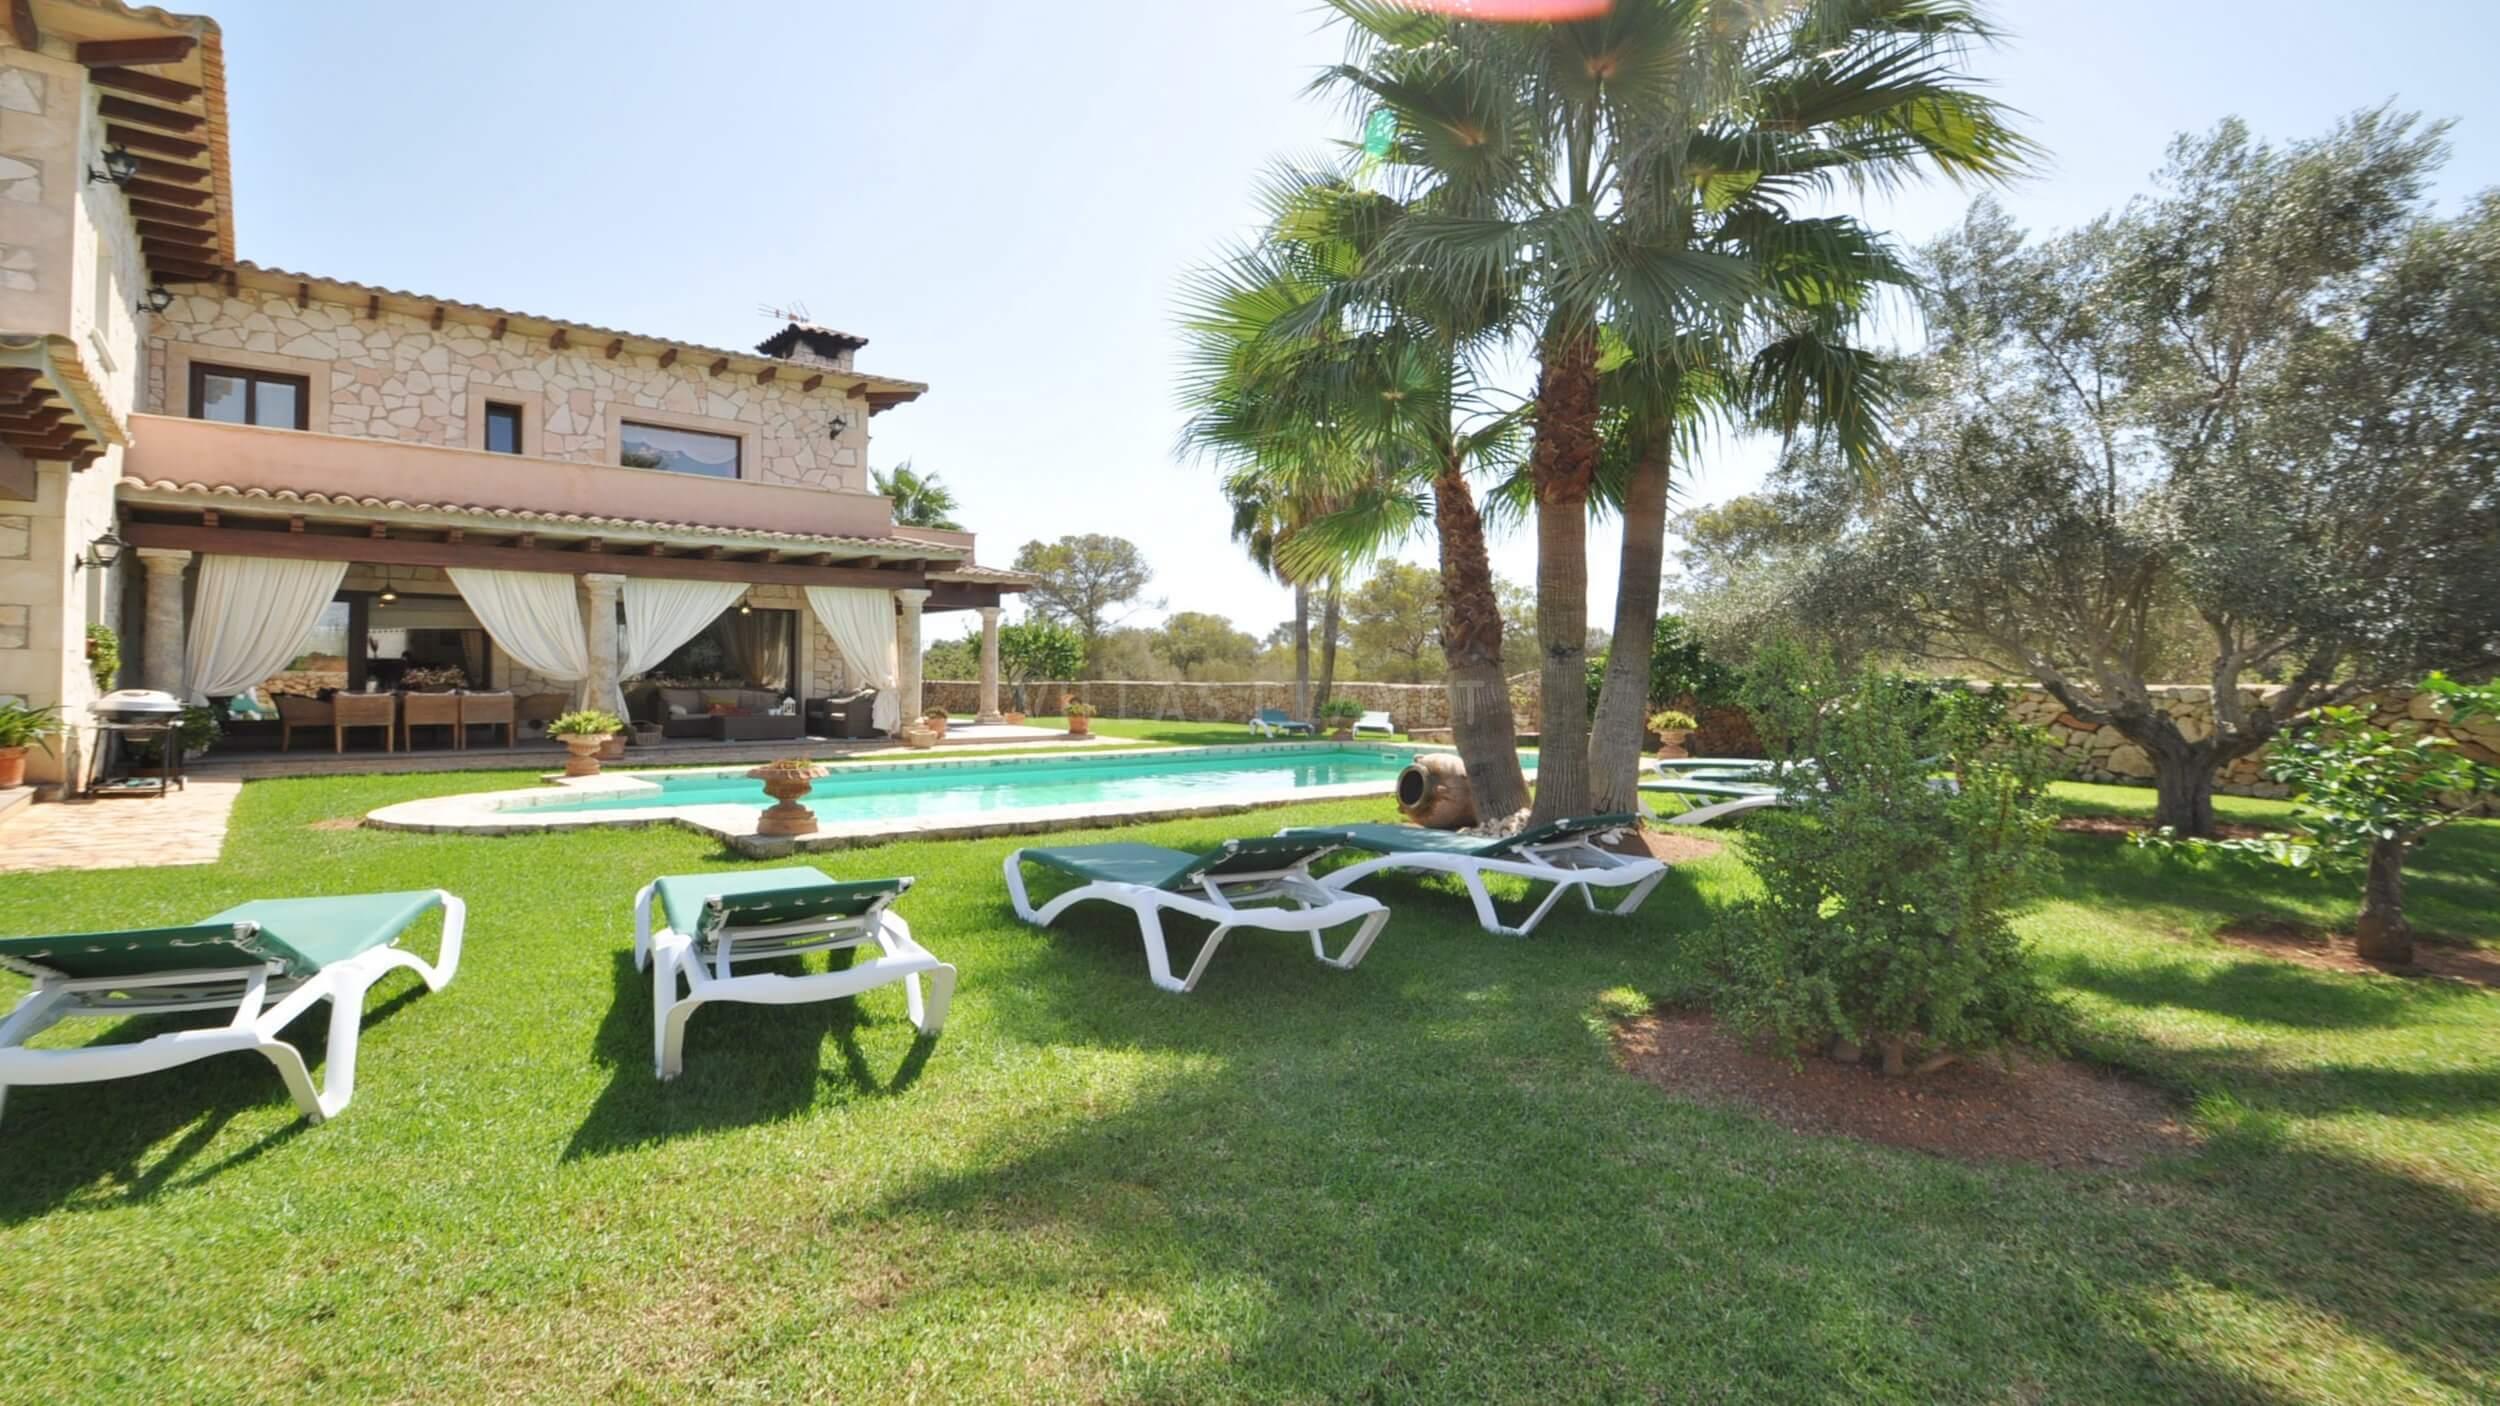 Finca rustica con piscina y jardin con c sped en llucmajor for Piscina y jardin mallorca